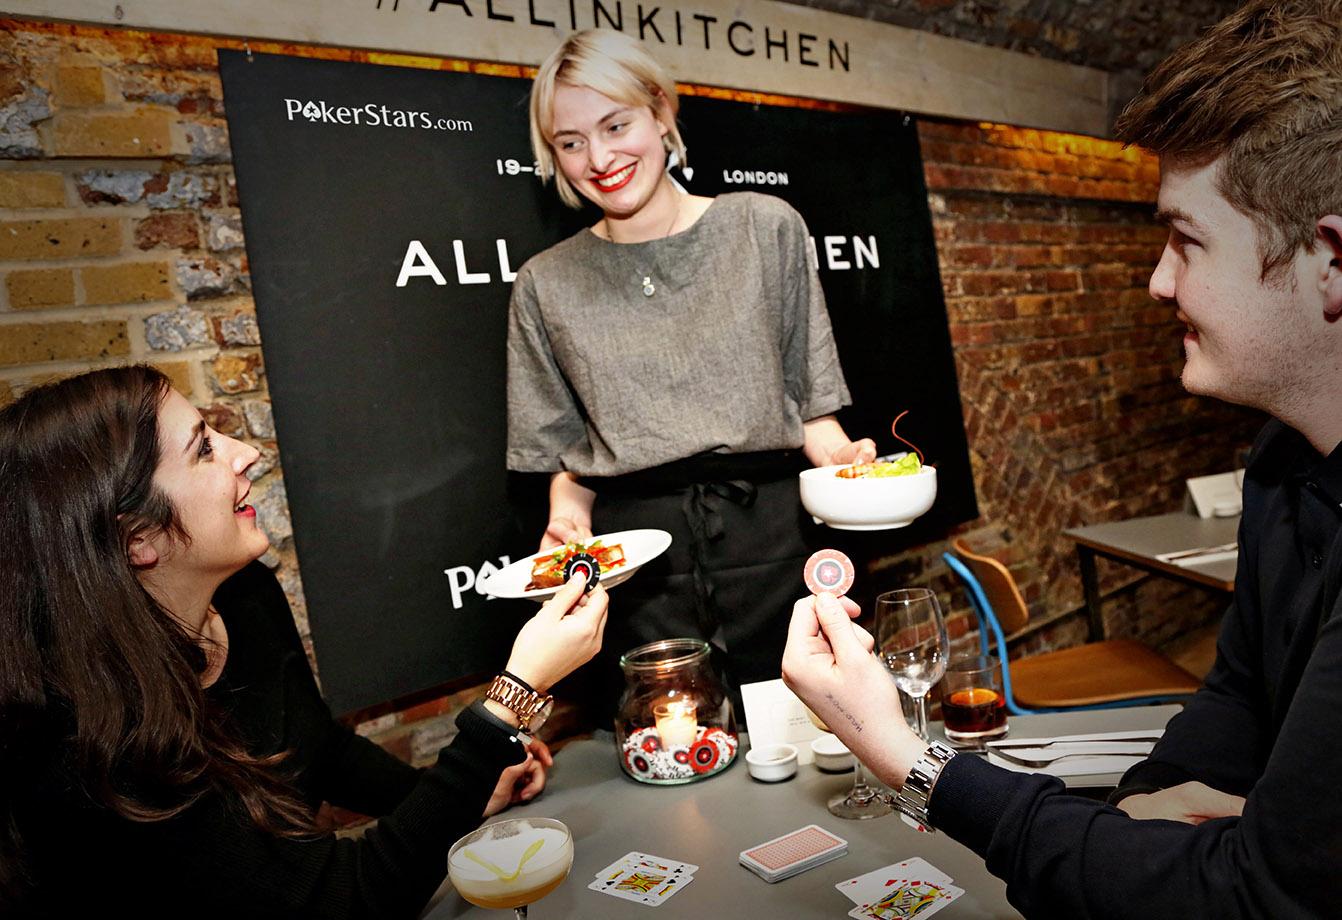 Покерный ресторан All-in Kitchen